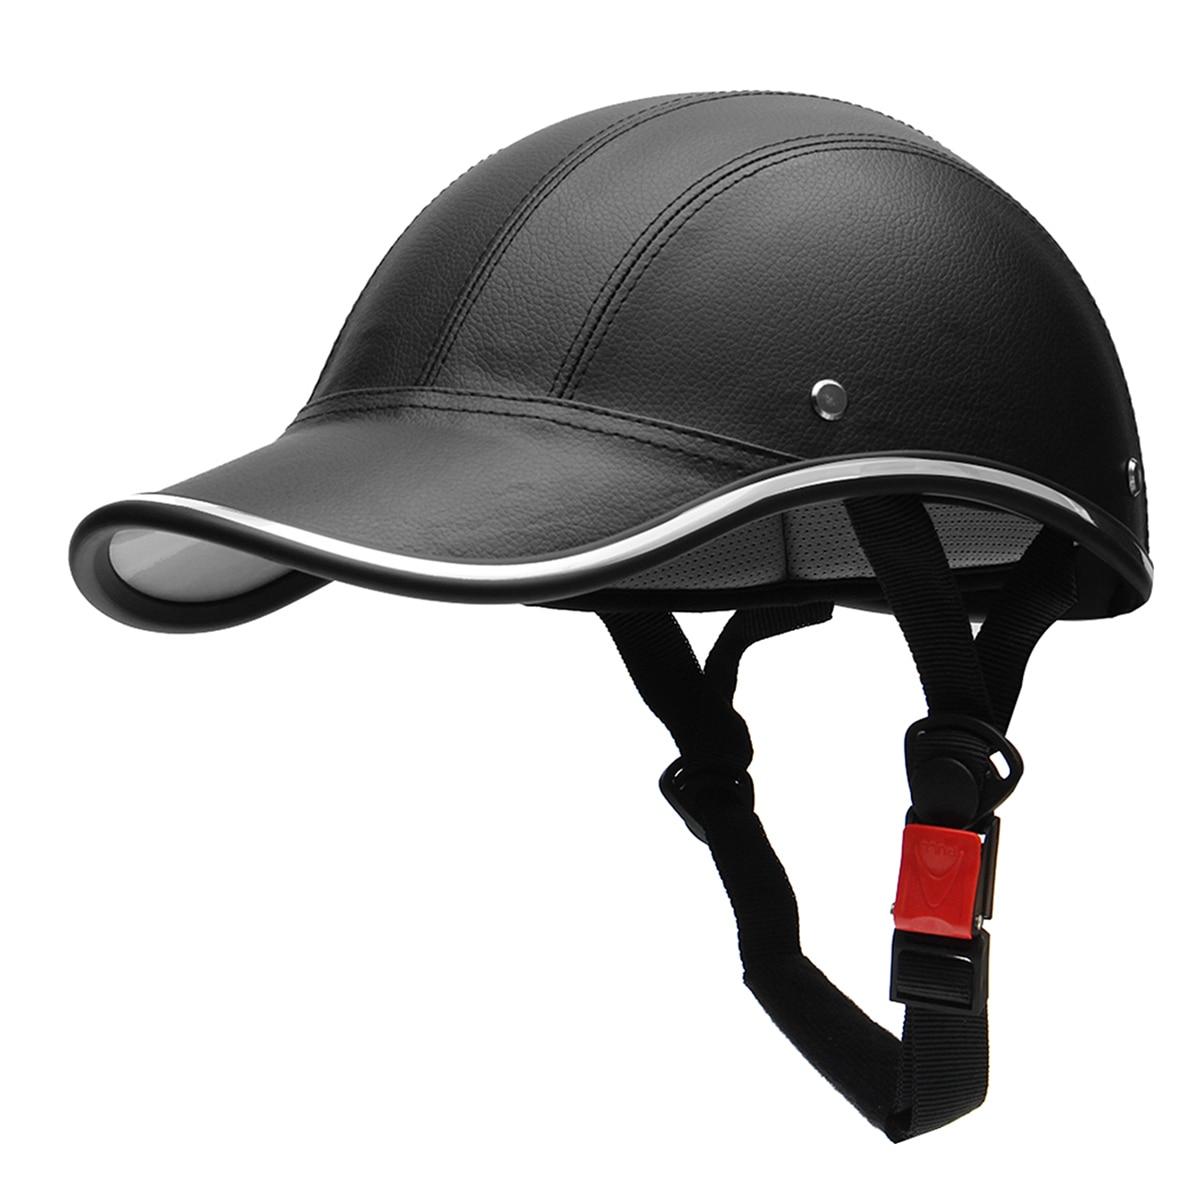 1 мотоцикл полушлем бейсбольная шапка стиль полушлем электрический велосипед трапеза ультрафиолетовая защитная каска каска мотоцикл мото ...